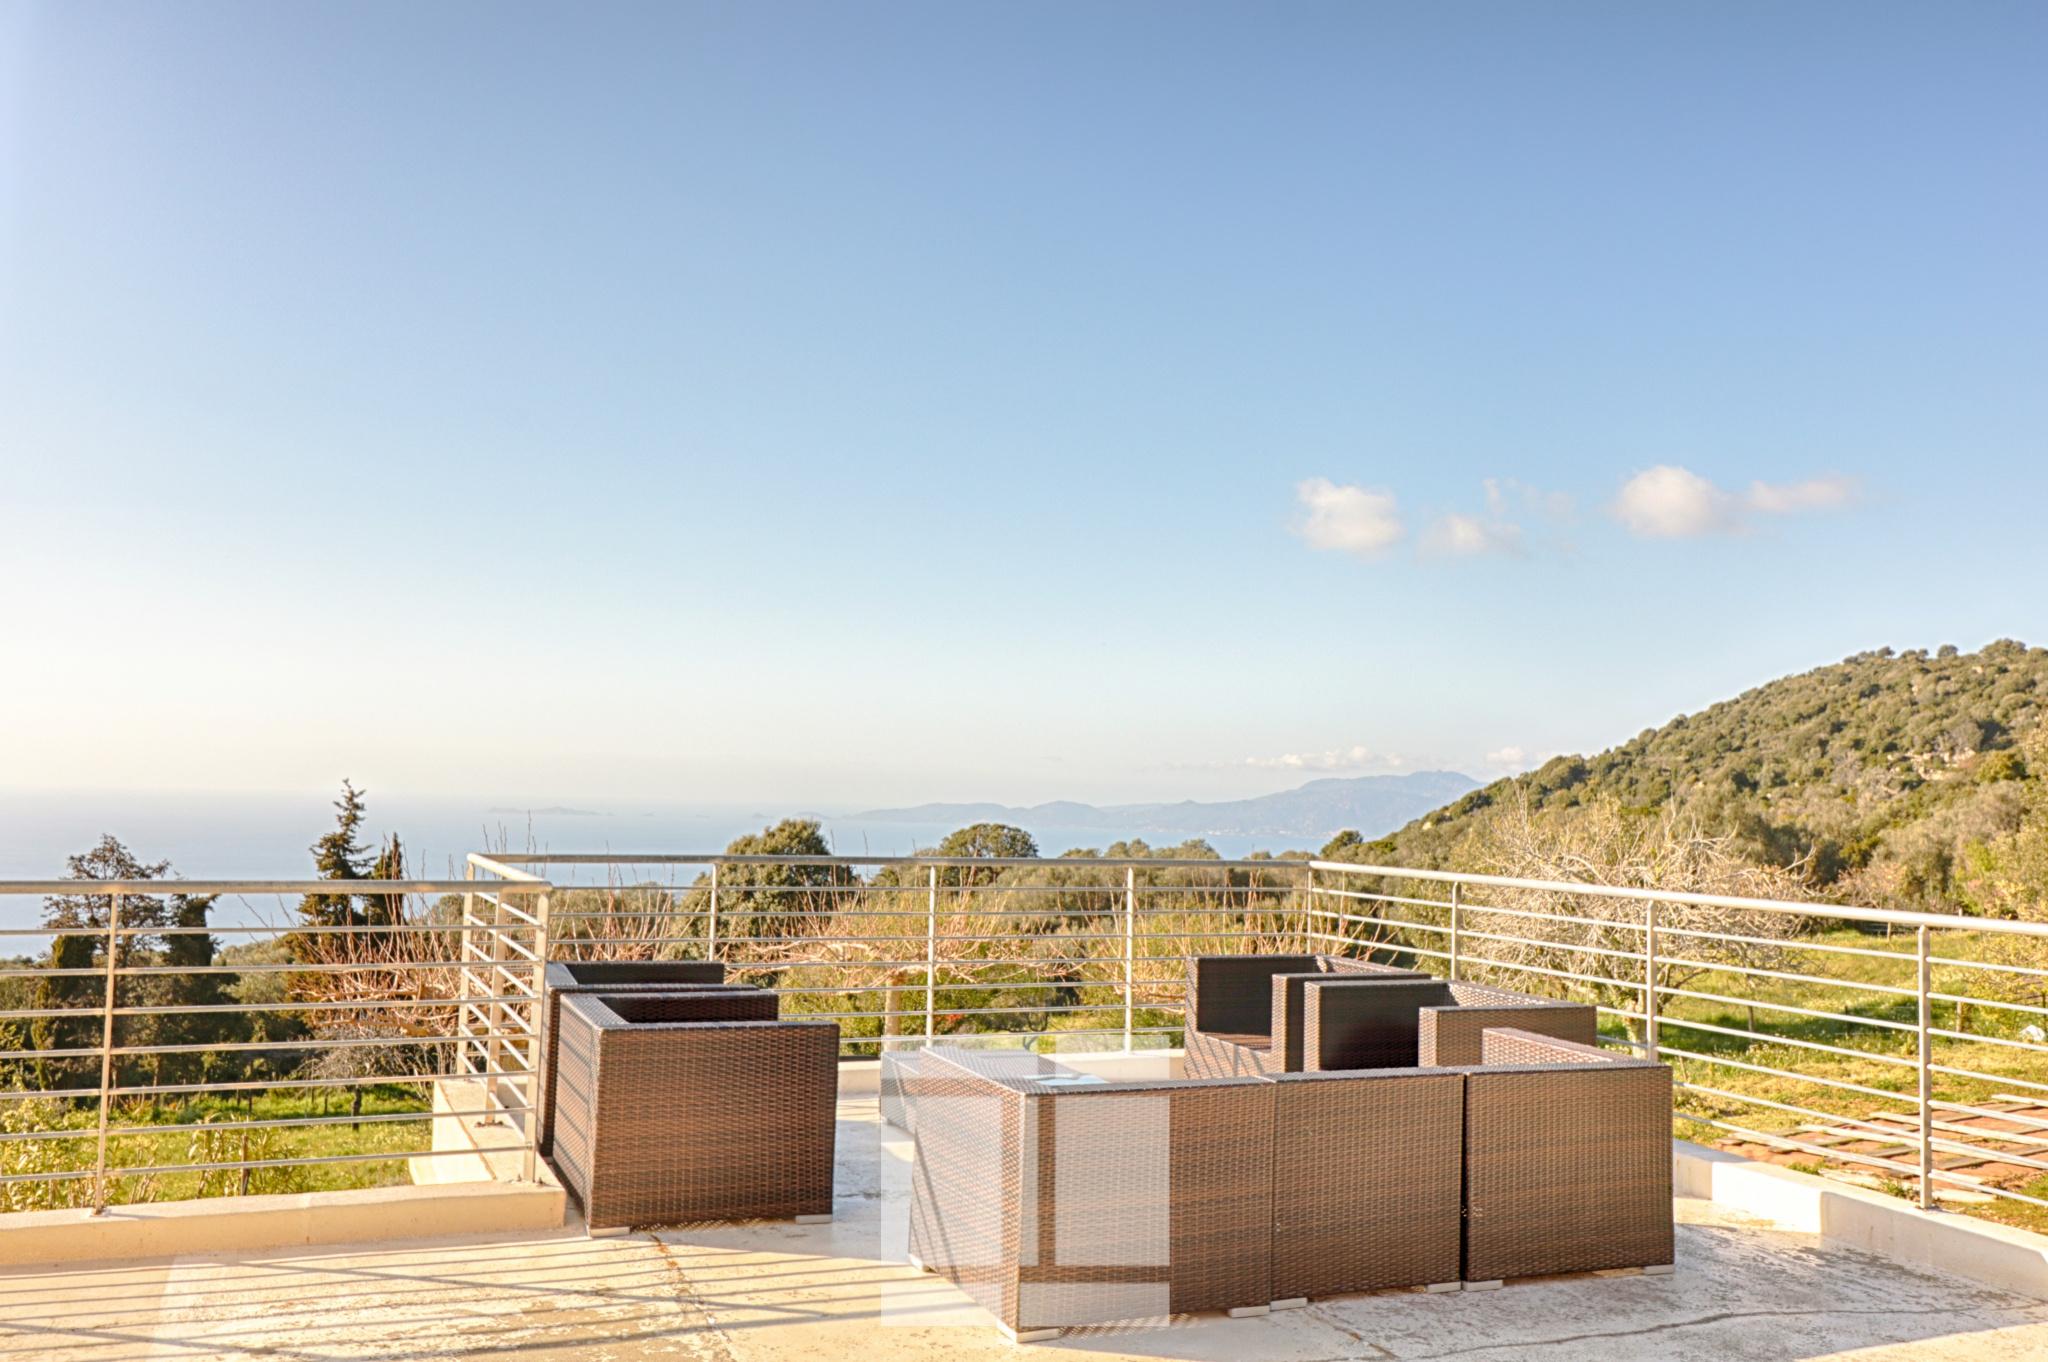 EXCLUSIVITE - Magnifique propriété et vue sur la mer - Coti-Chiavari